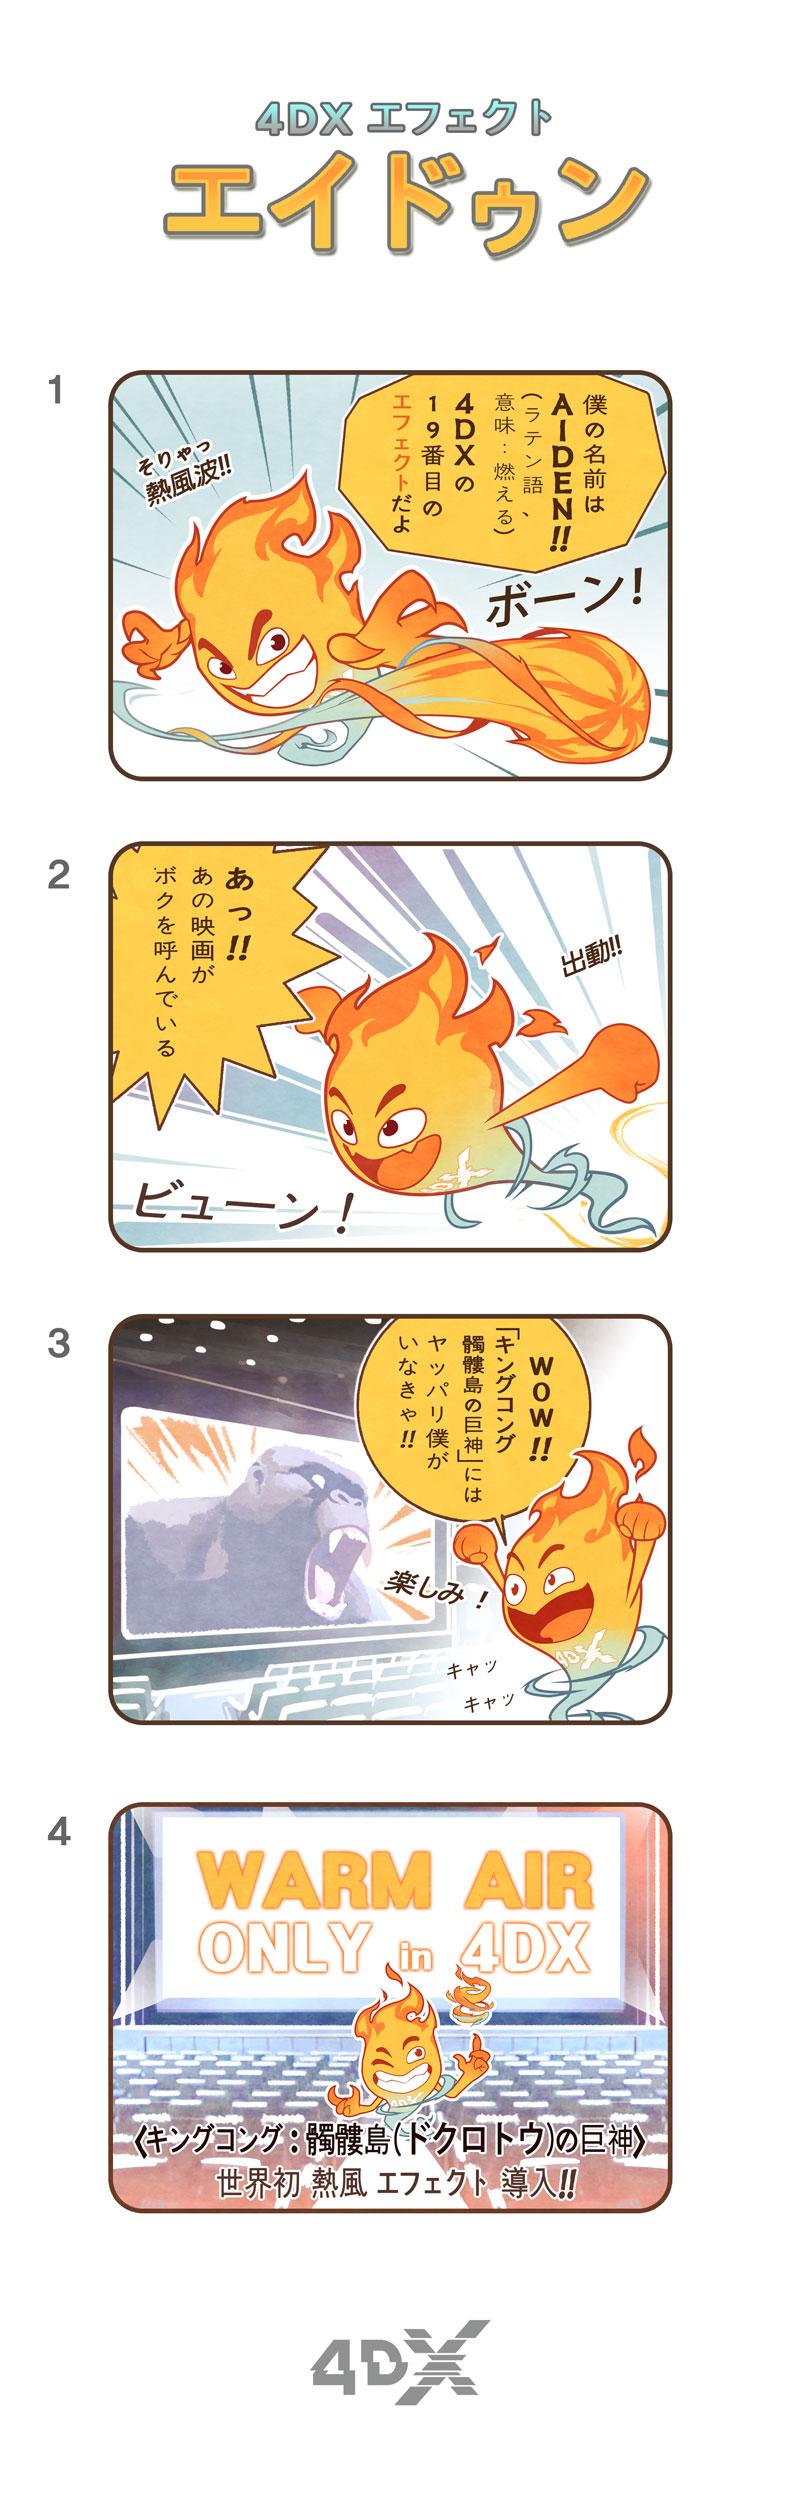 4DX-熱風